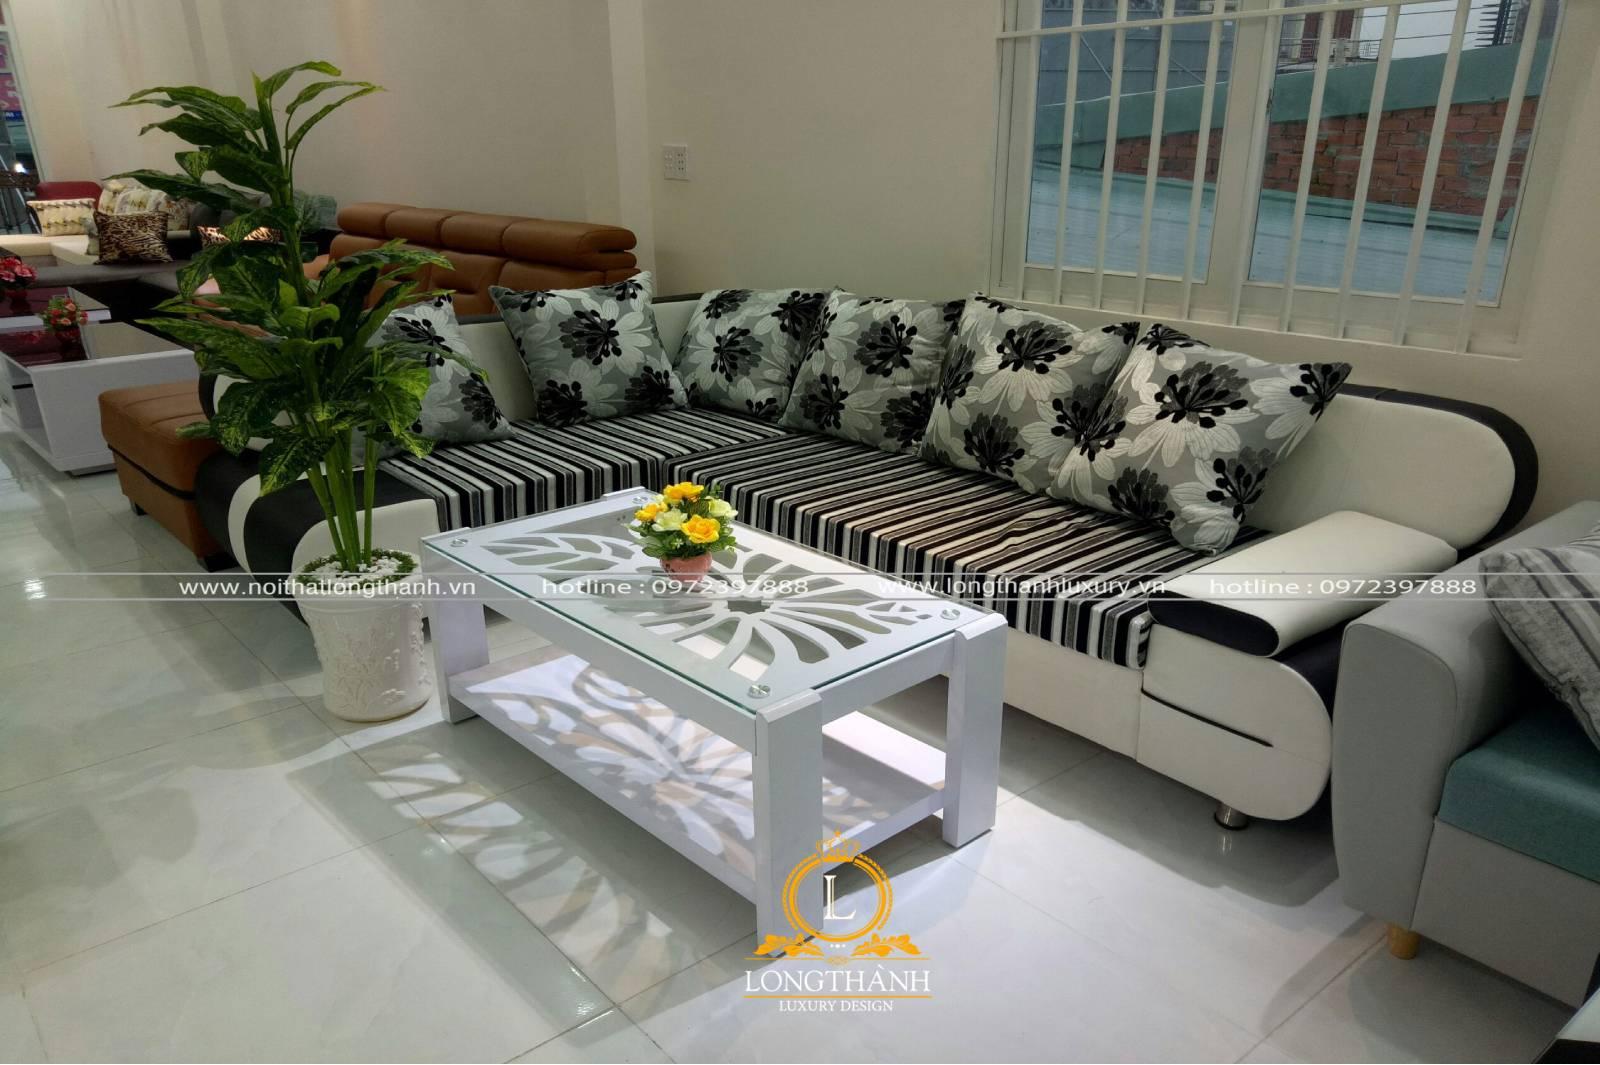 Sofa góc có kiểu dáng kích thước đa dạng với không gian phòng khách